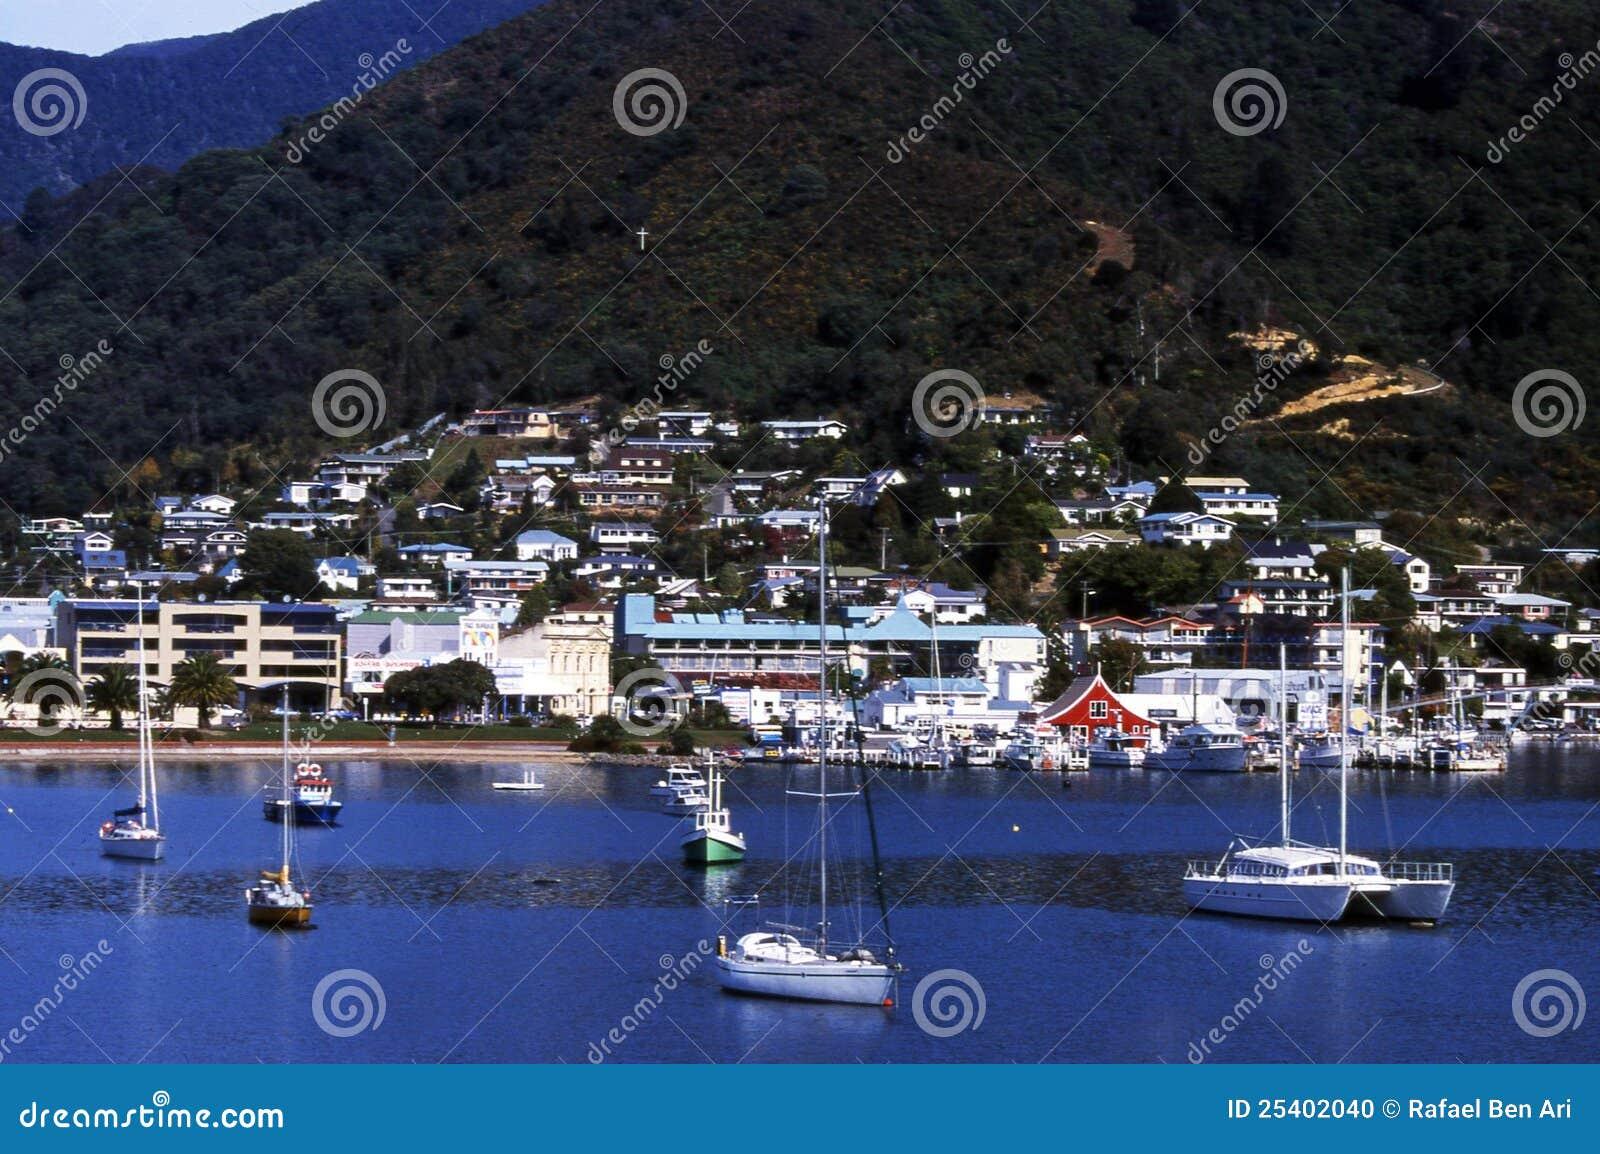 New Zealand Time Image: Picton, New Zealand Stock Photo. Image Of Harbor, Region